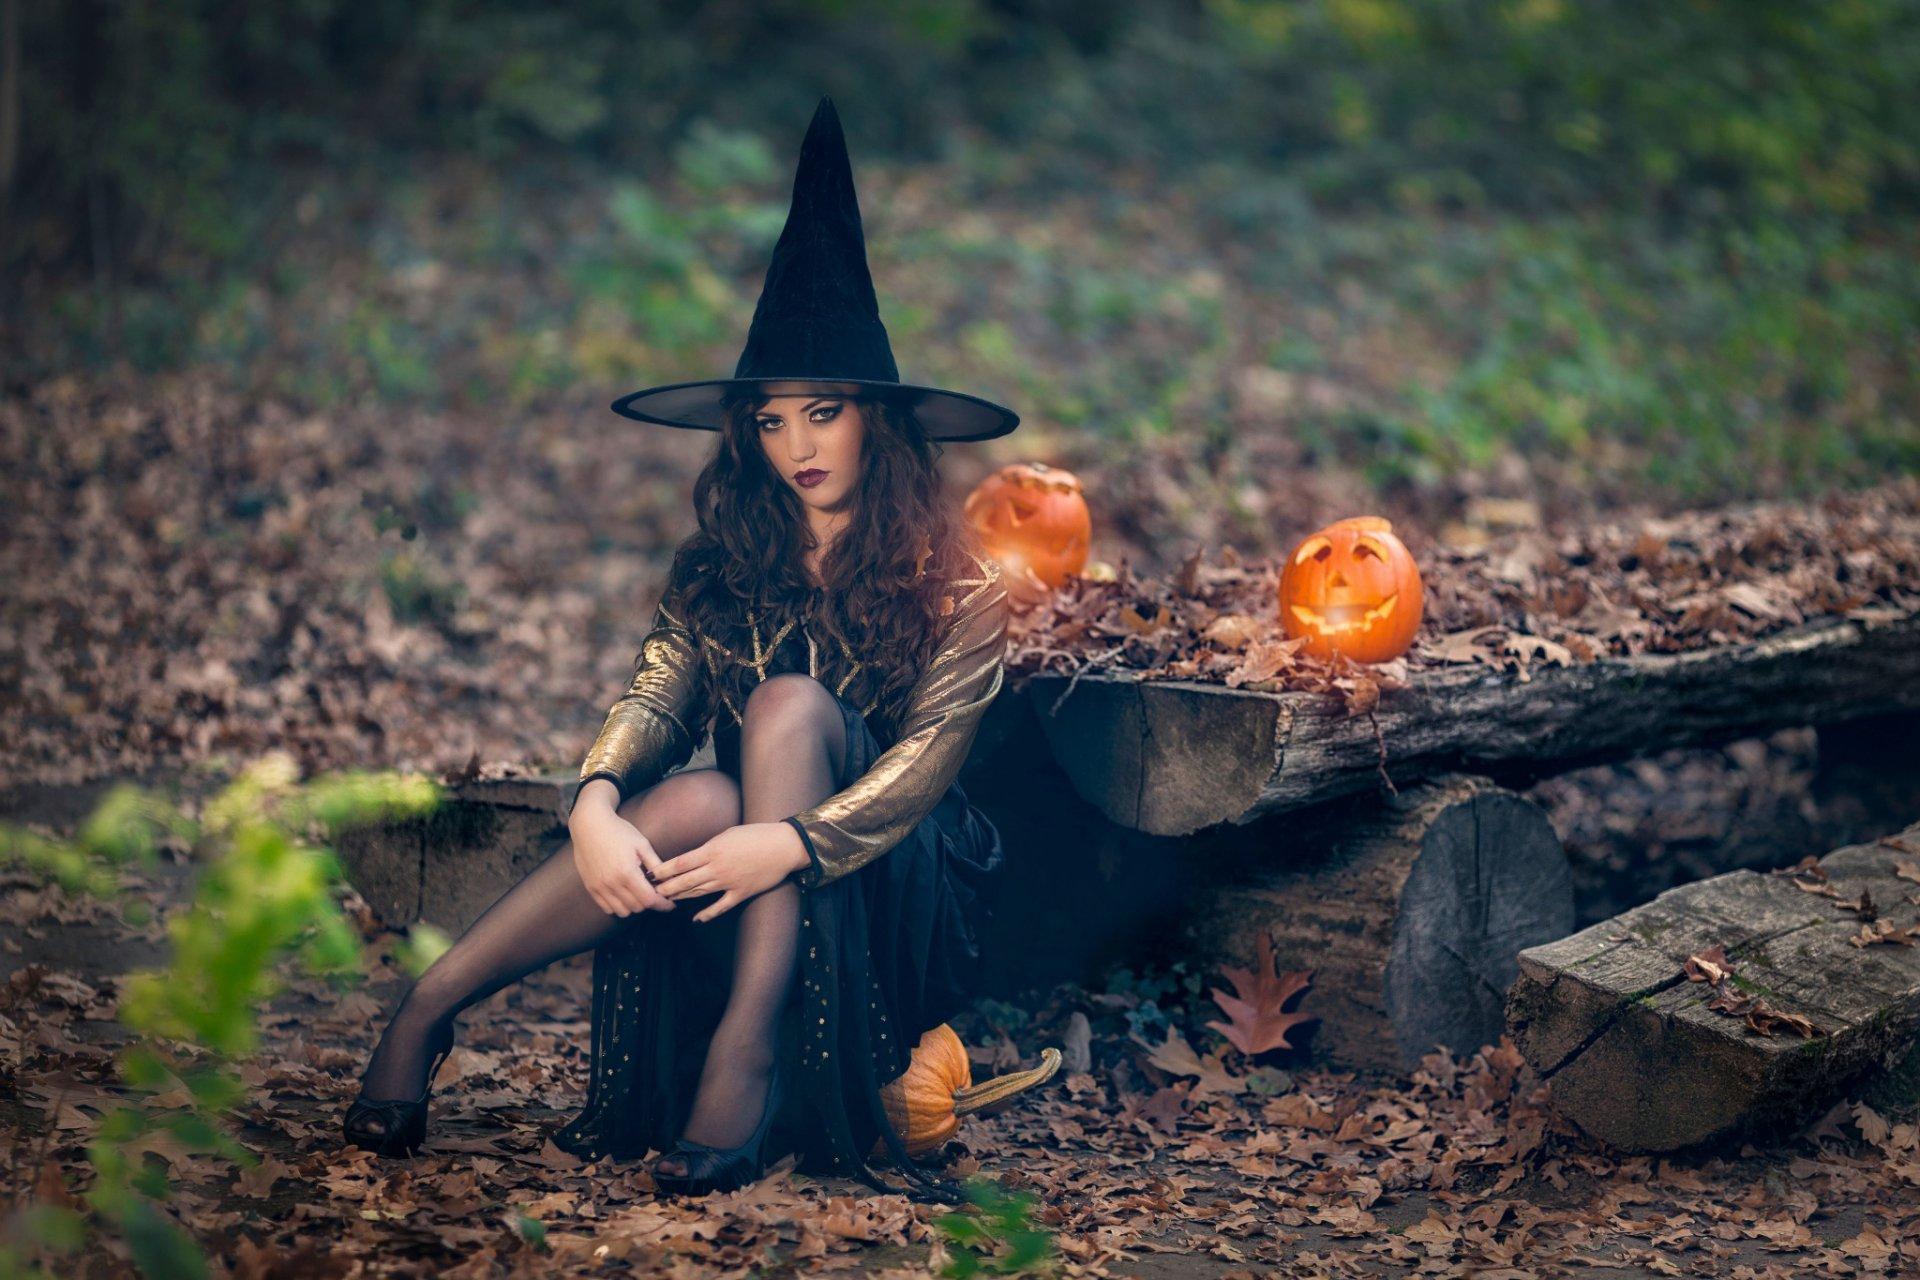 фото с ведьмами красивые лучшее, что случалось